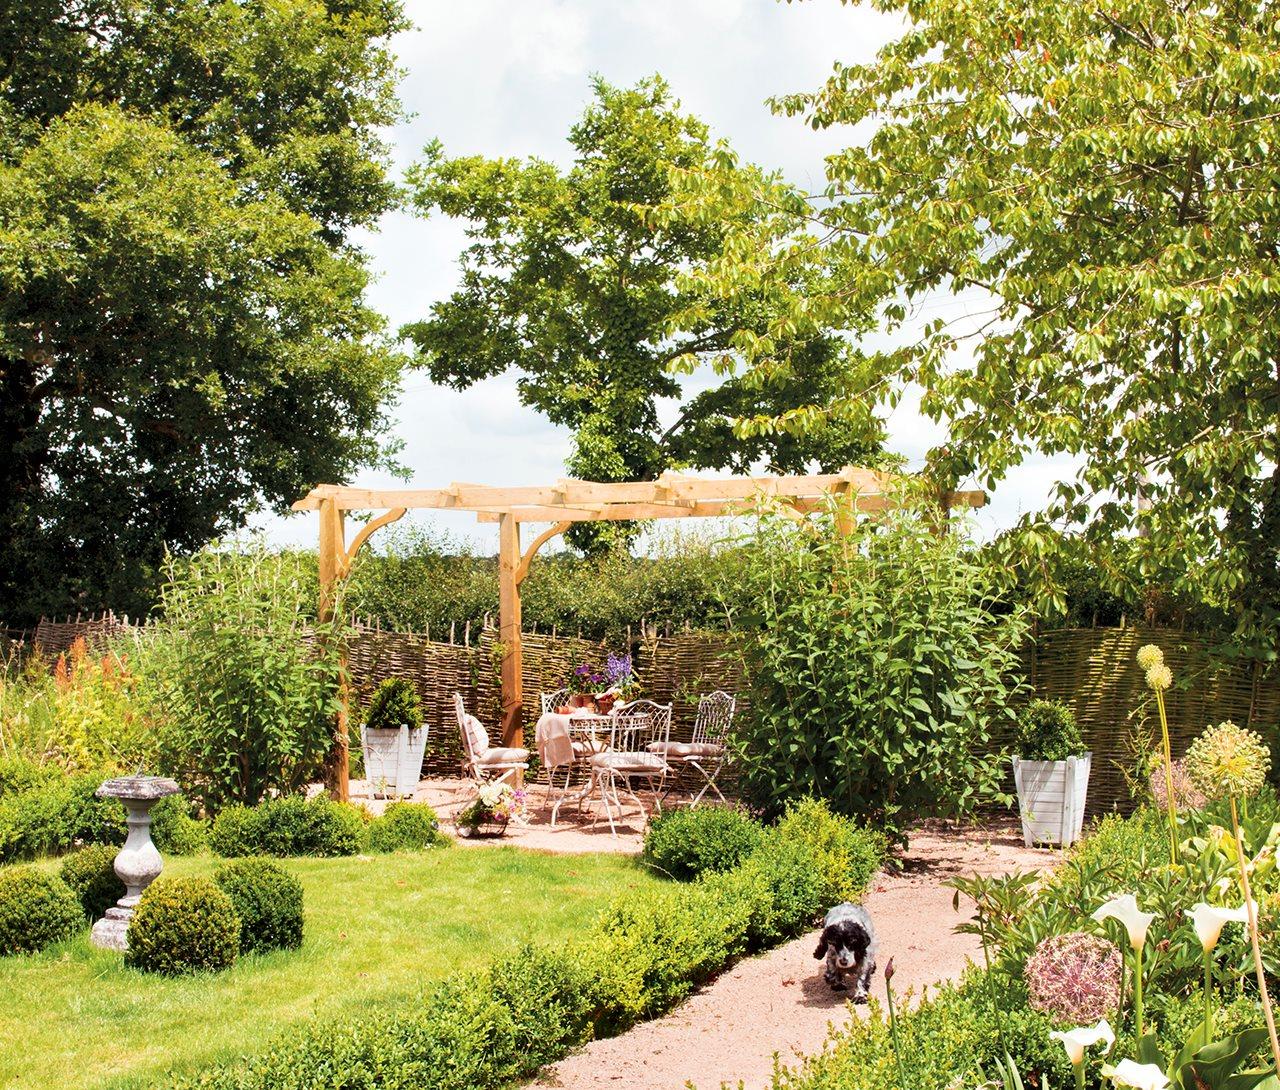 La casita de lady sophia for Mesas y sillas de plastico para jardin